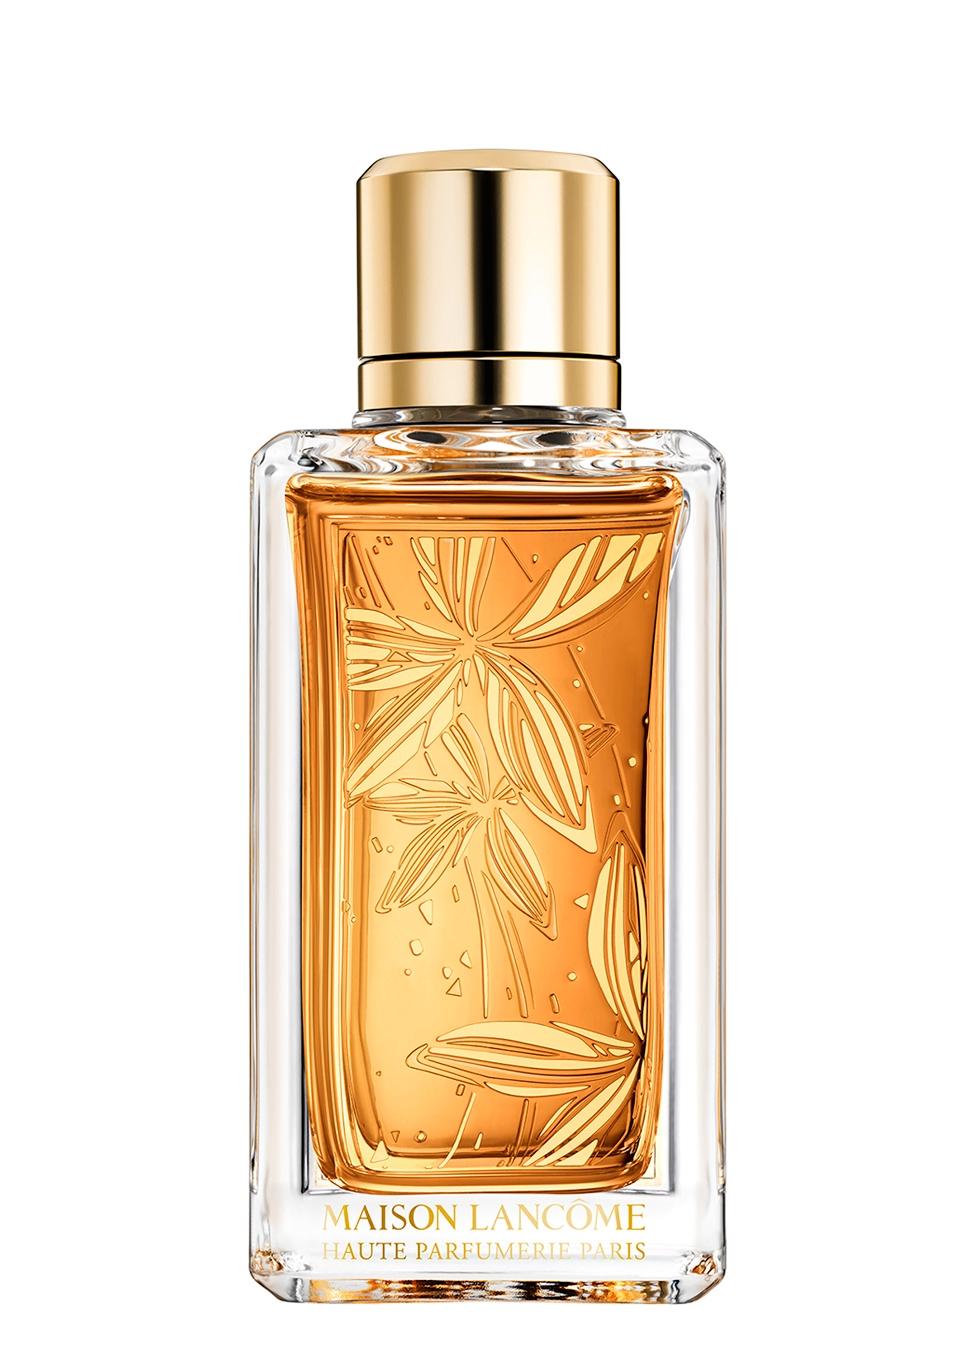 100ml Maison Eau Lancôme Jasmin Marzipane De Parfum JlK1c3TF